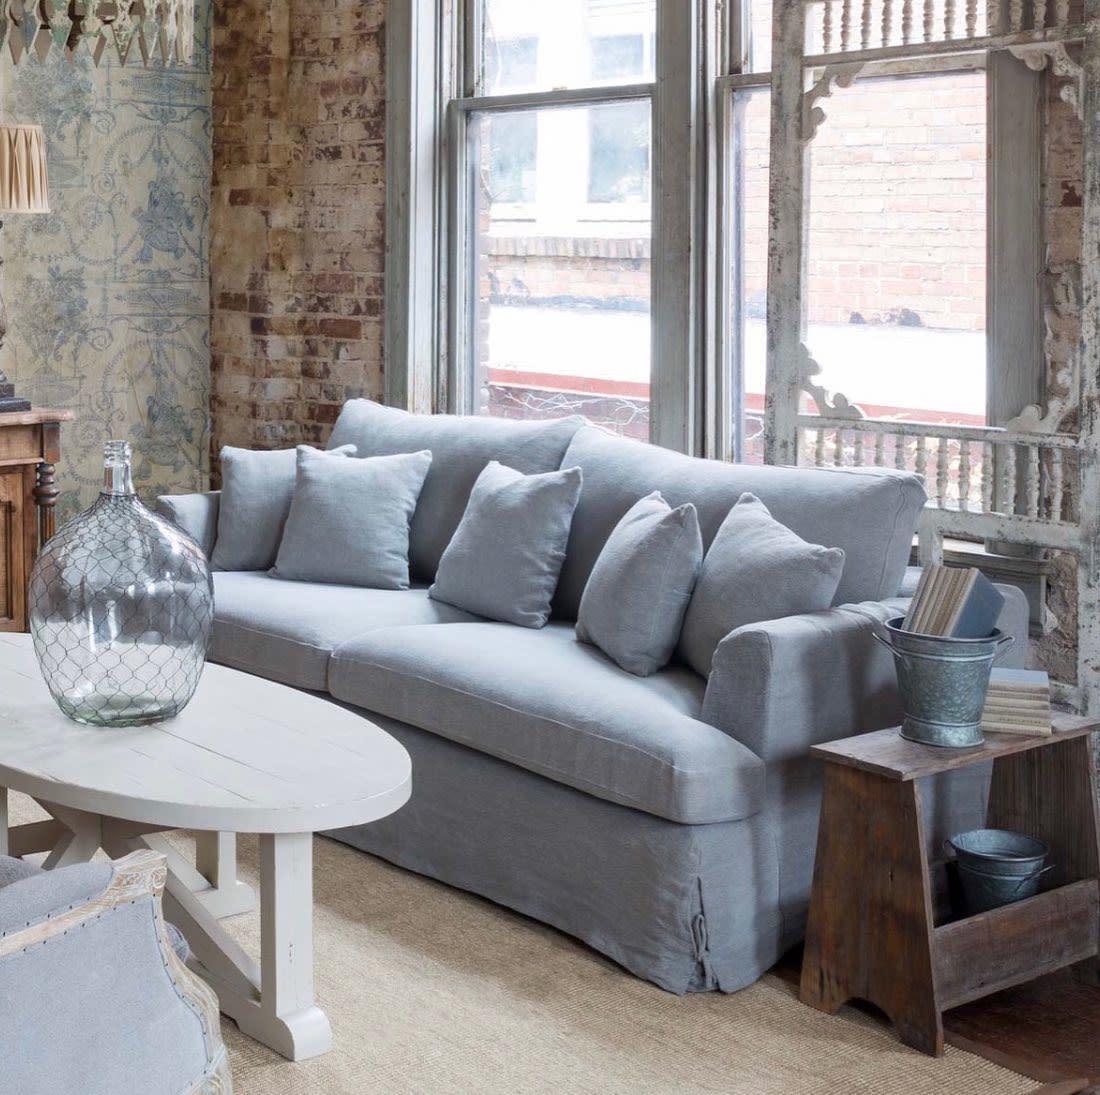 livingroom-aesthetic-room-ideas-gershwinandgertie